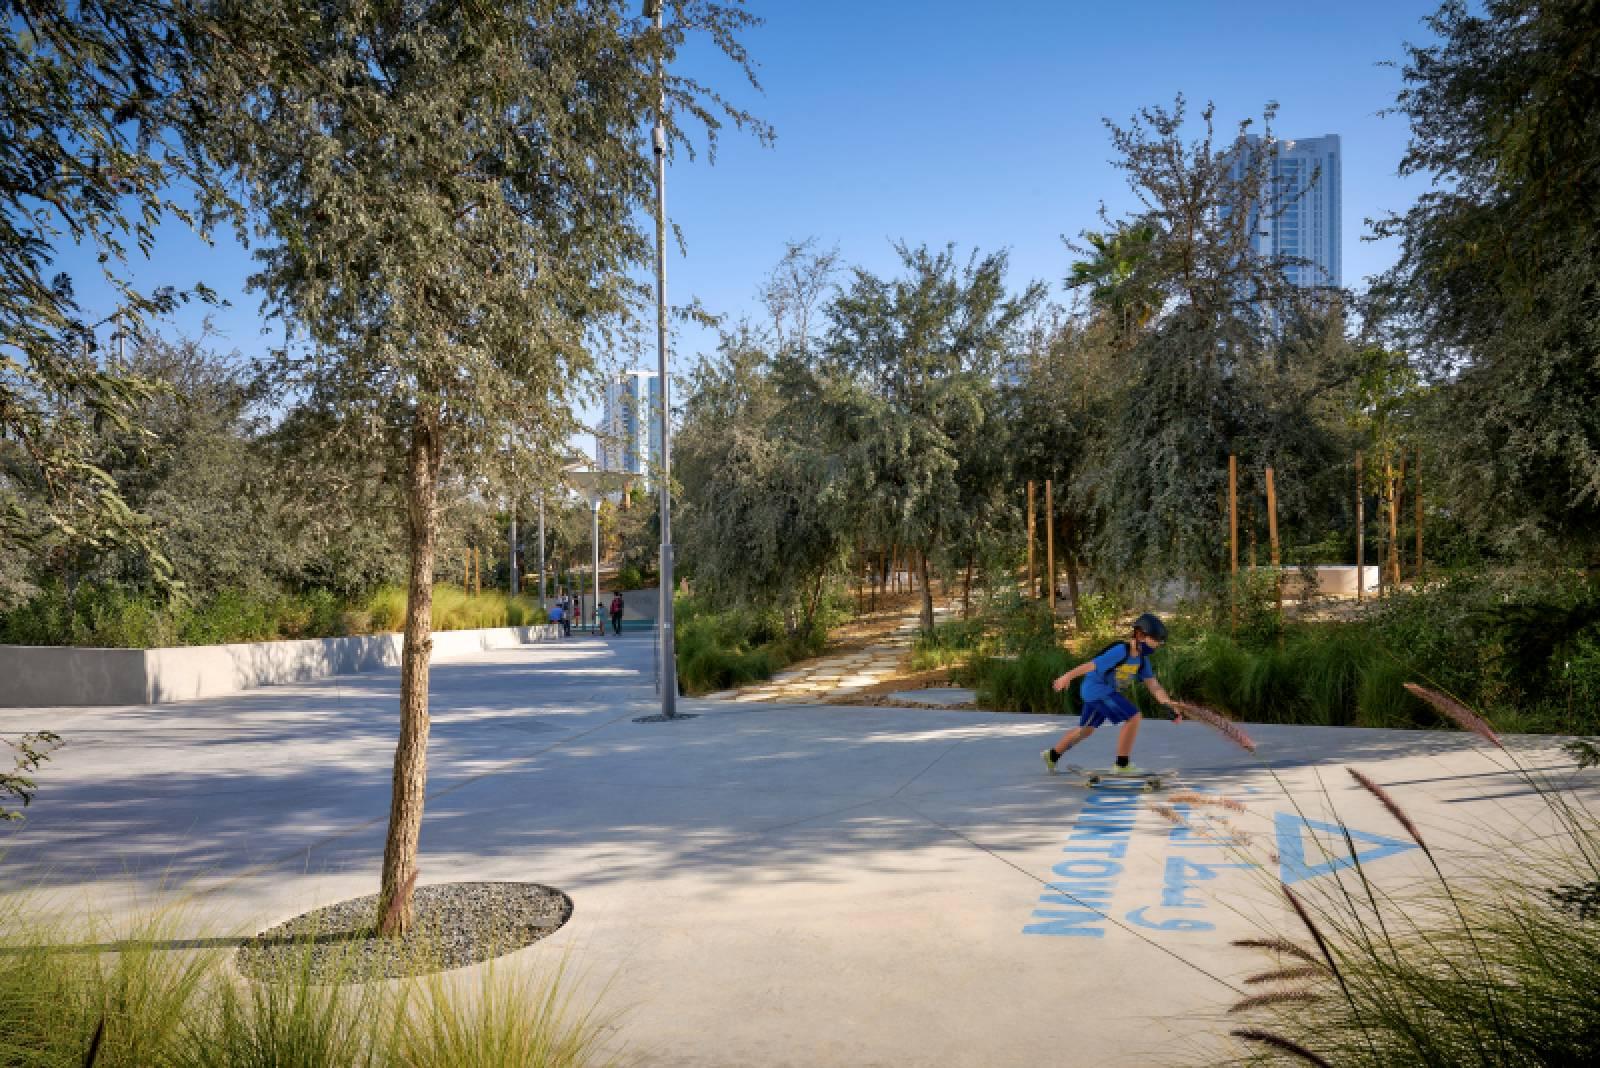 Al Fay Park